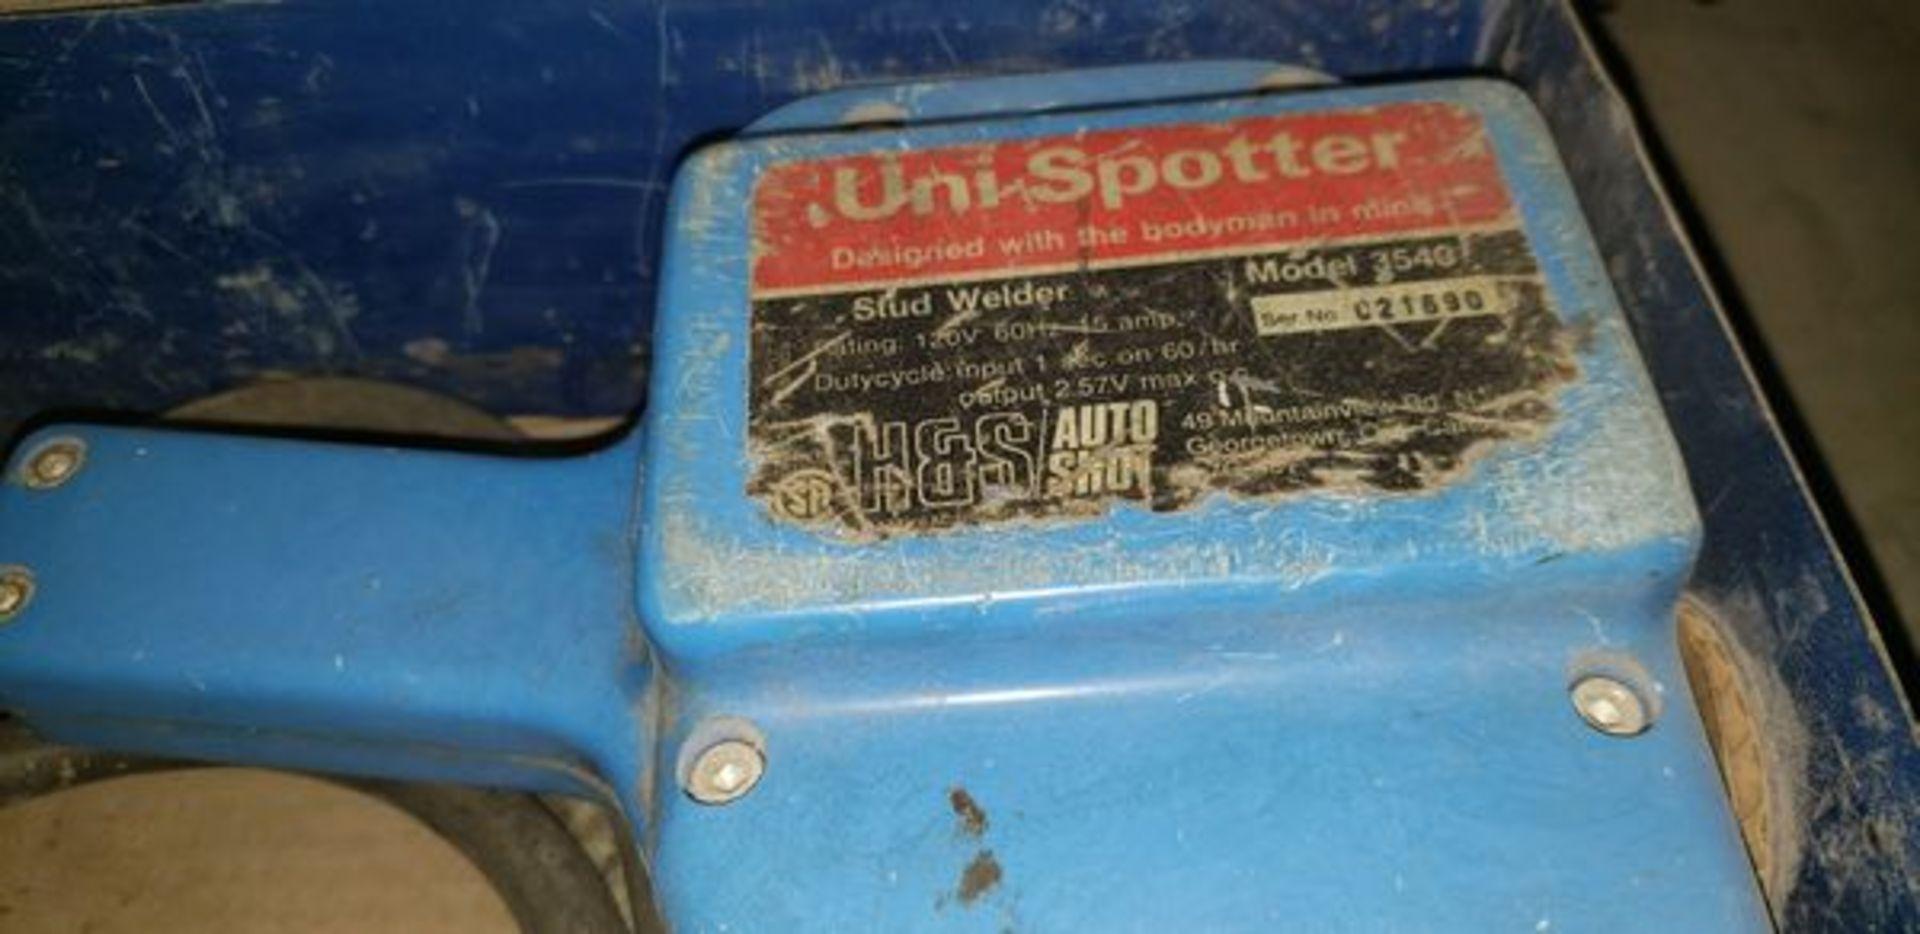 UNI SPOTTER PULLER - Image 2 of 4